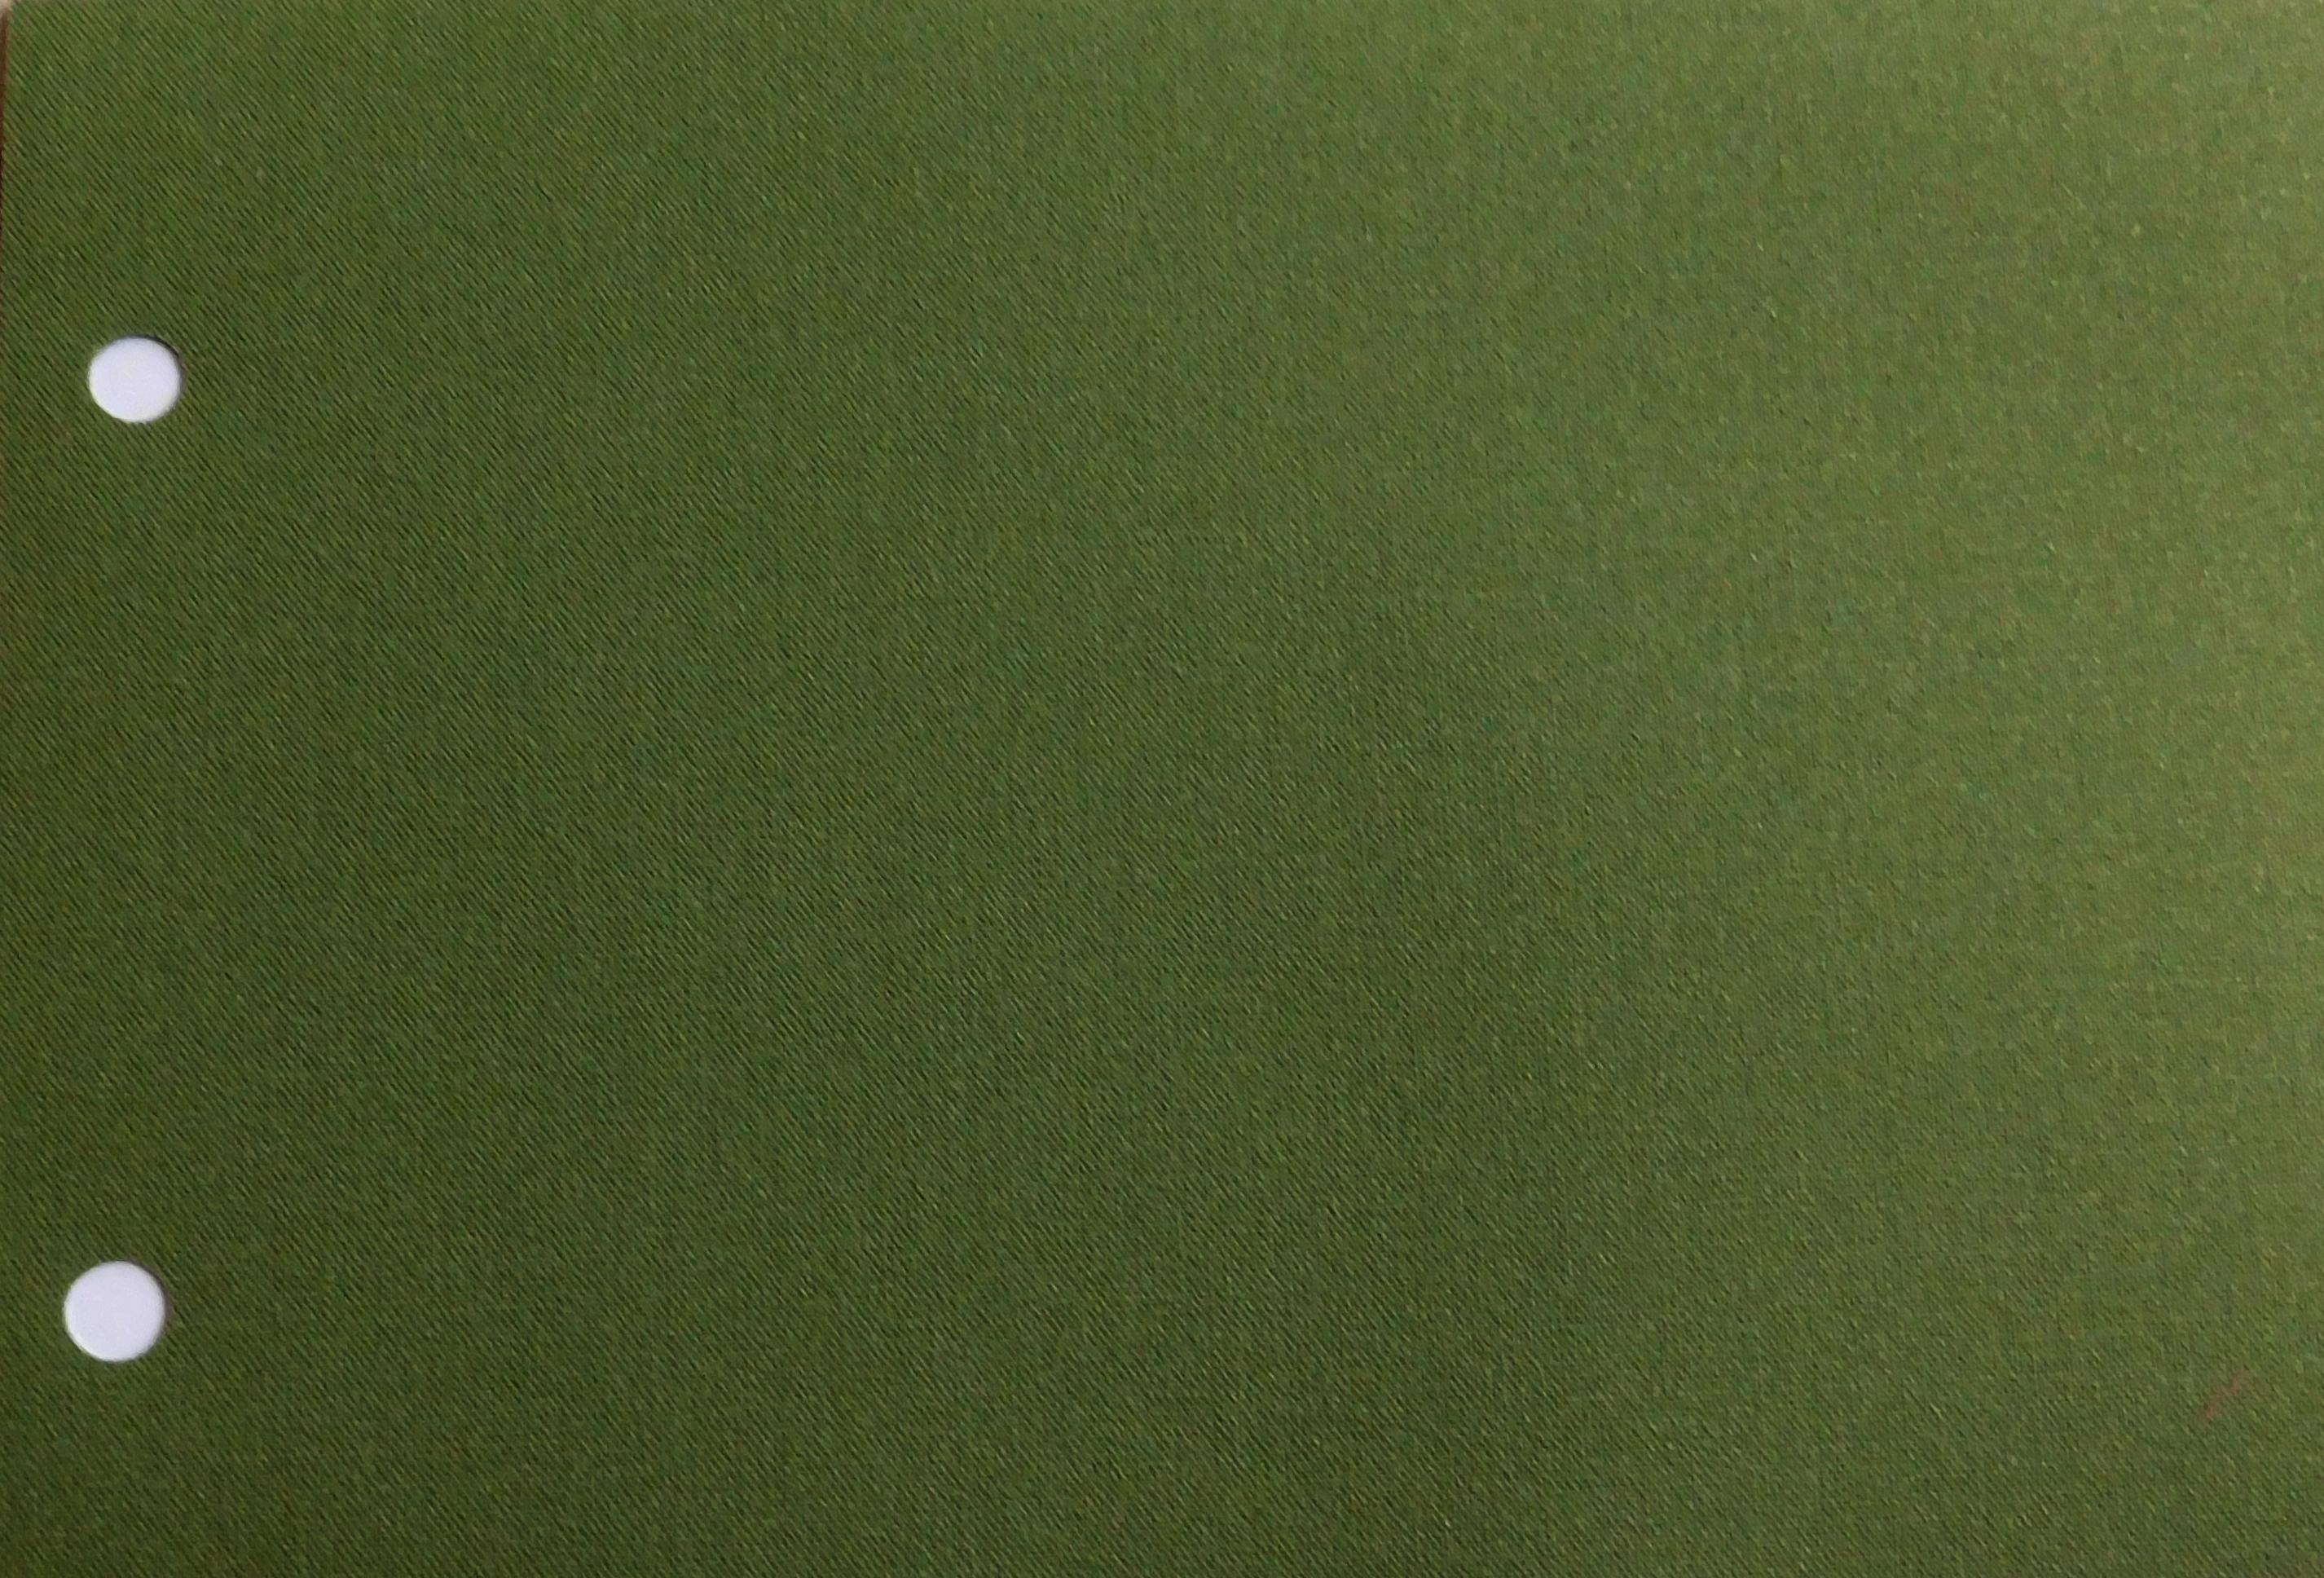 Velux Solar Blind Battery Cheapest Blinds Uk Ltd White